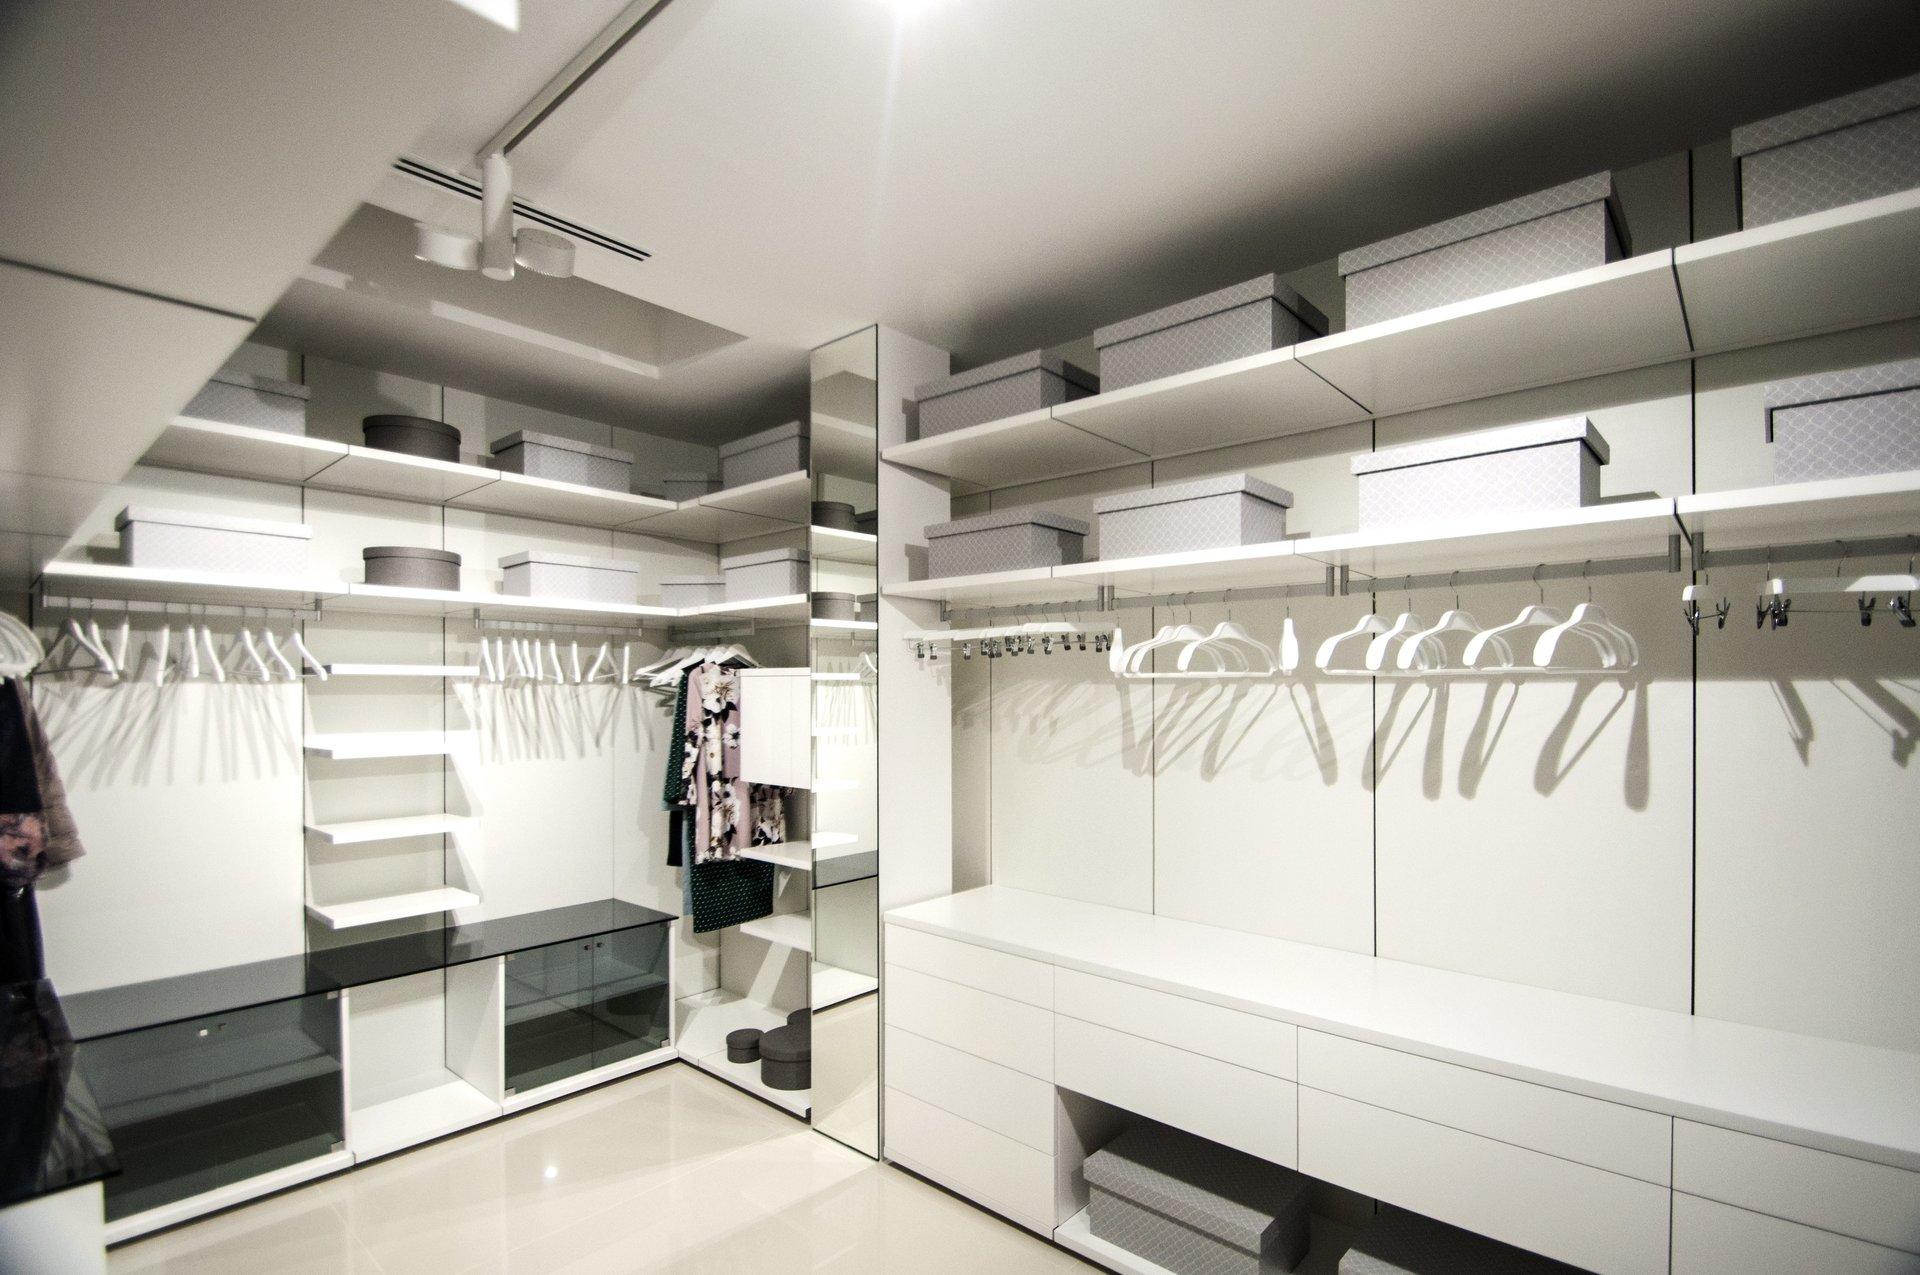 Vestidor de diseño en vivienda unifamiliar moderna en Almeria. Arquitectura moderna en Almeria. Interiorismo Almeria.